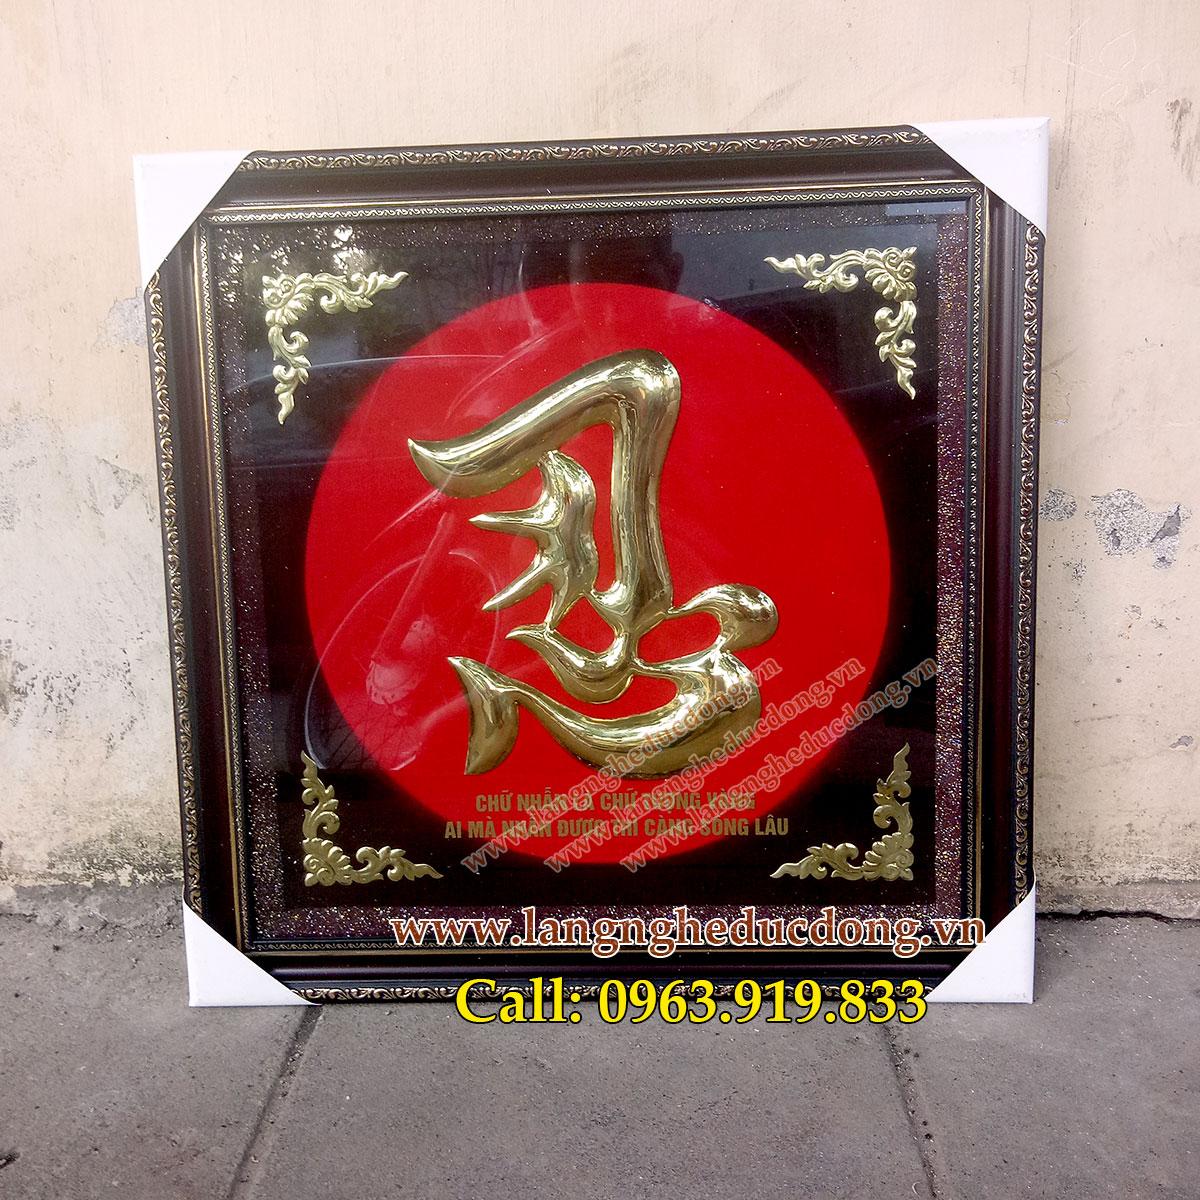 langngheducdong.vn - tranh chữ, tranh đồng, tranh chữ bằng đồng, bán tranh đồng